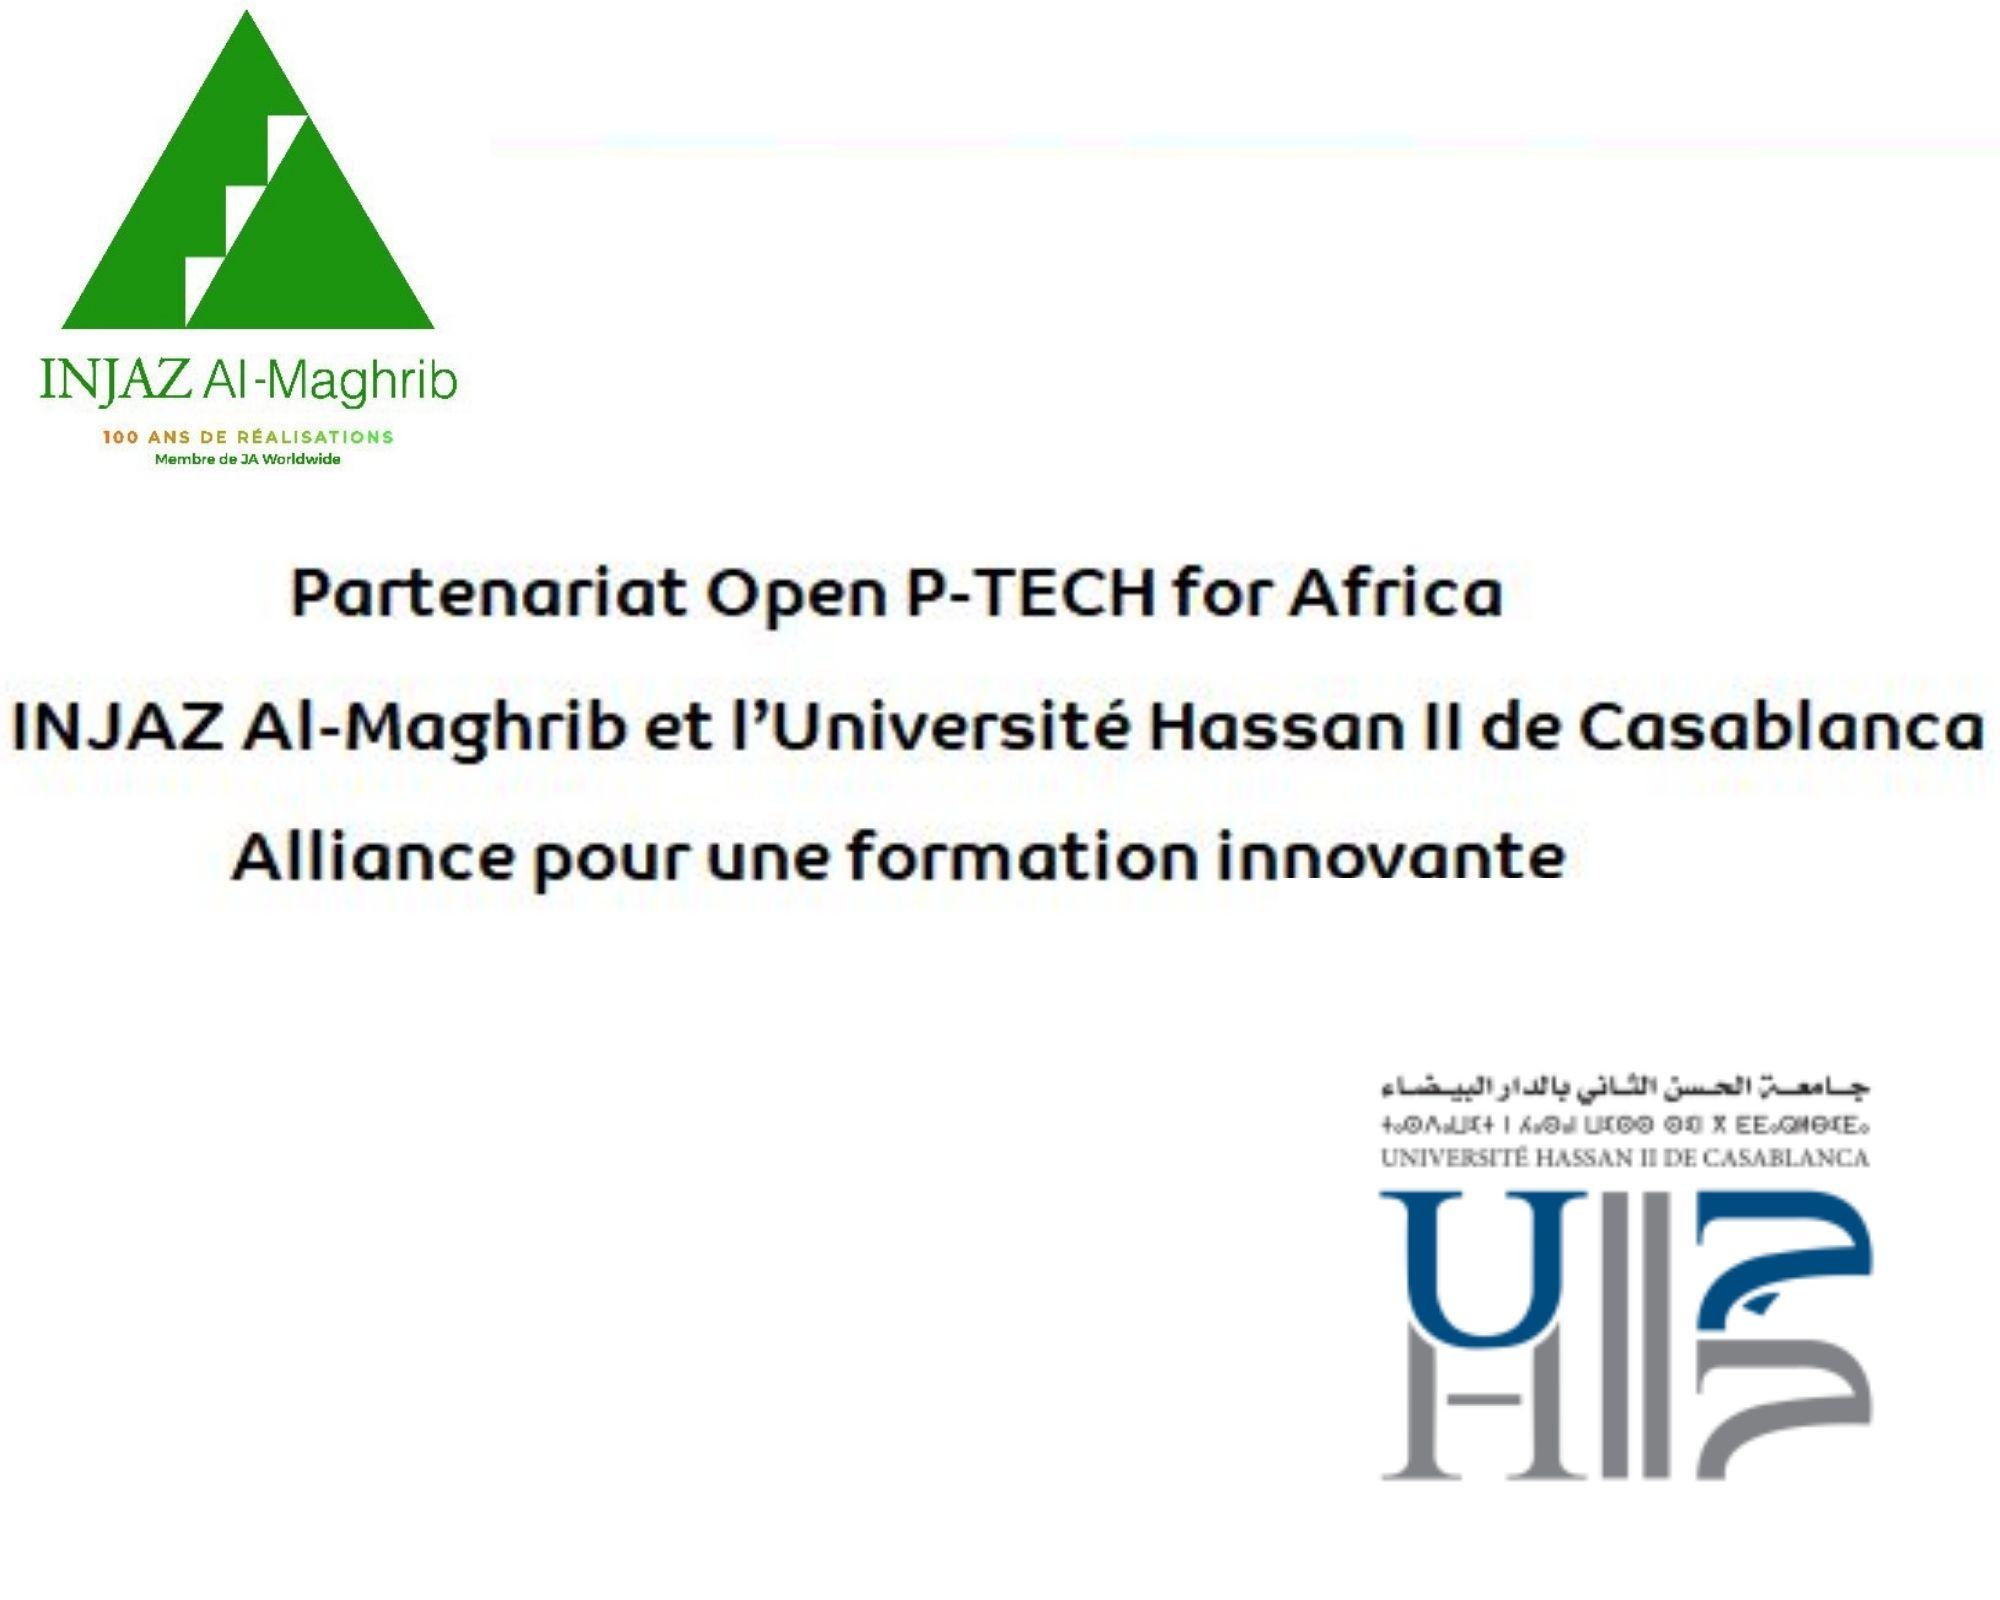 Une initiative ''numérique'' de l'Université Hassan II de Casablanca